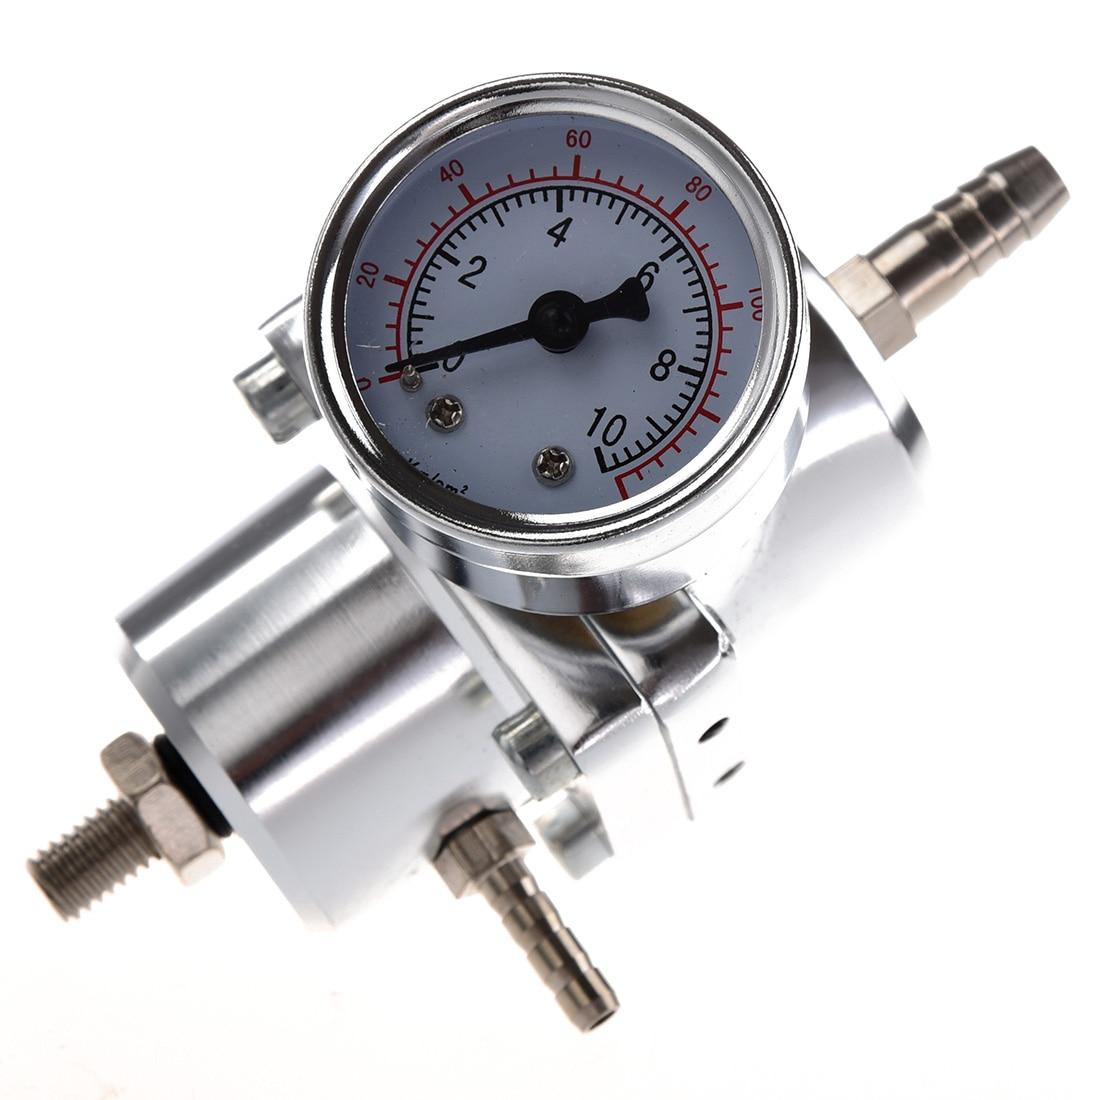 Universal Car Adjustable Fuel Pressure Regulator with Gauge Silver все цены